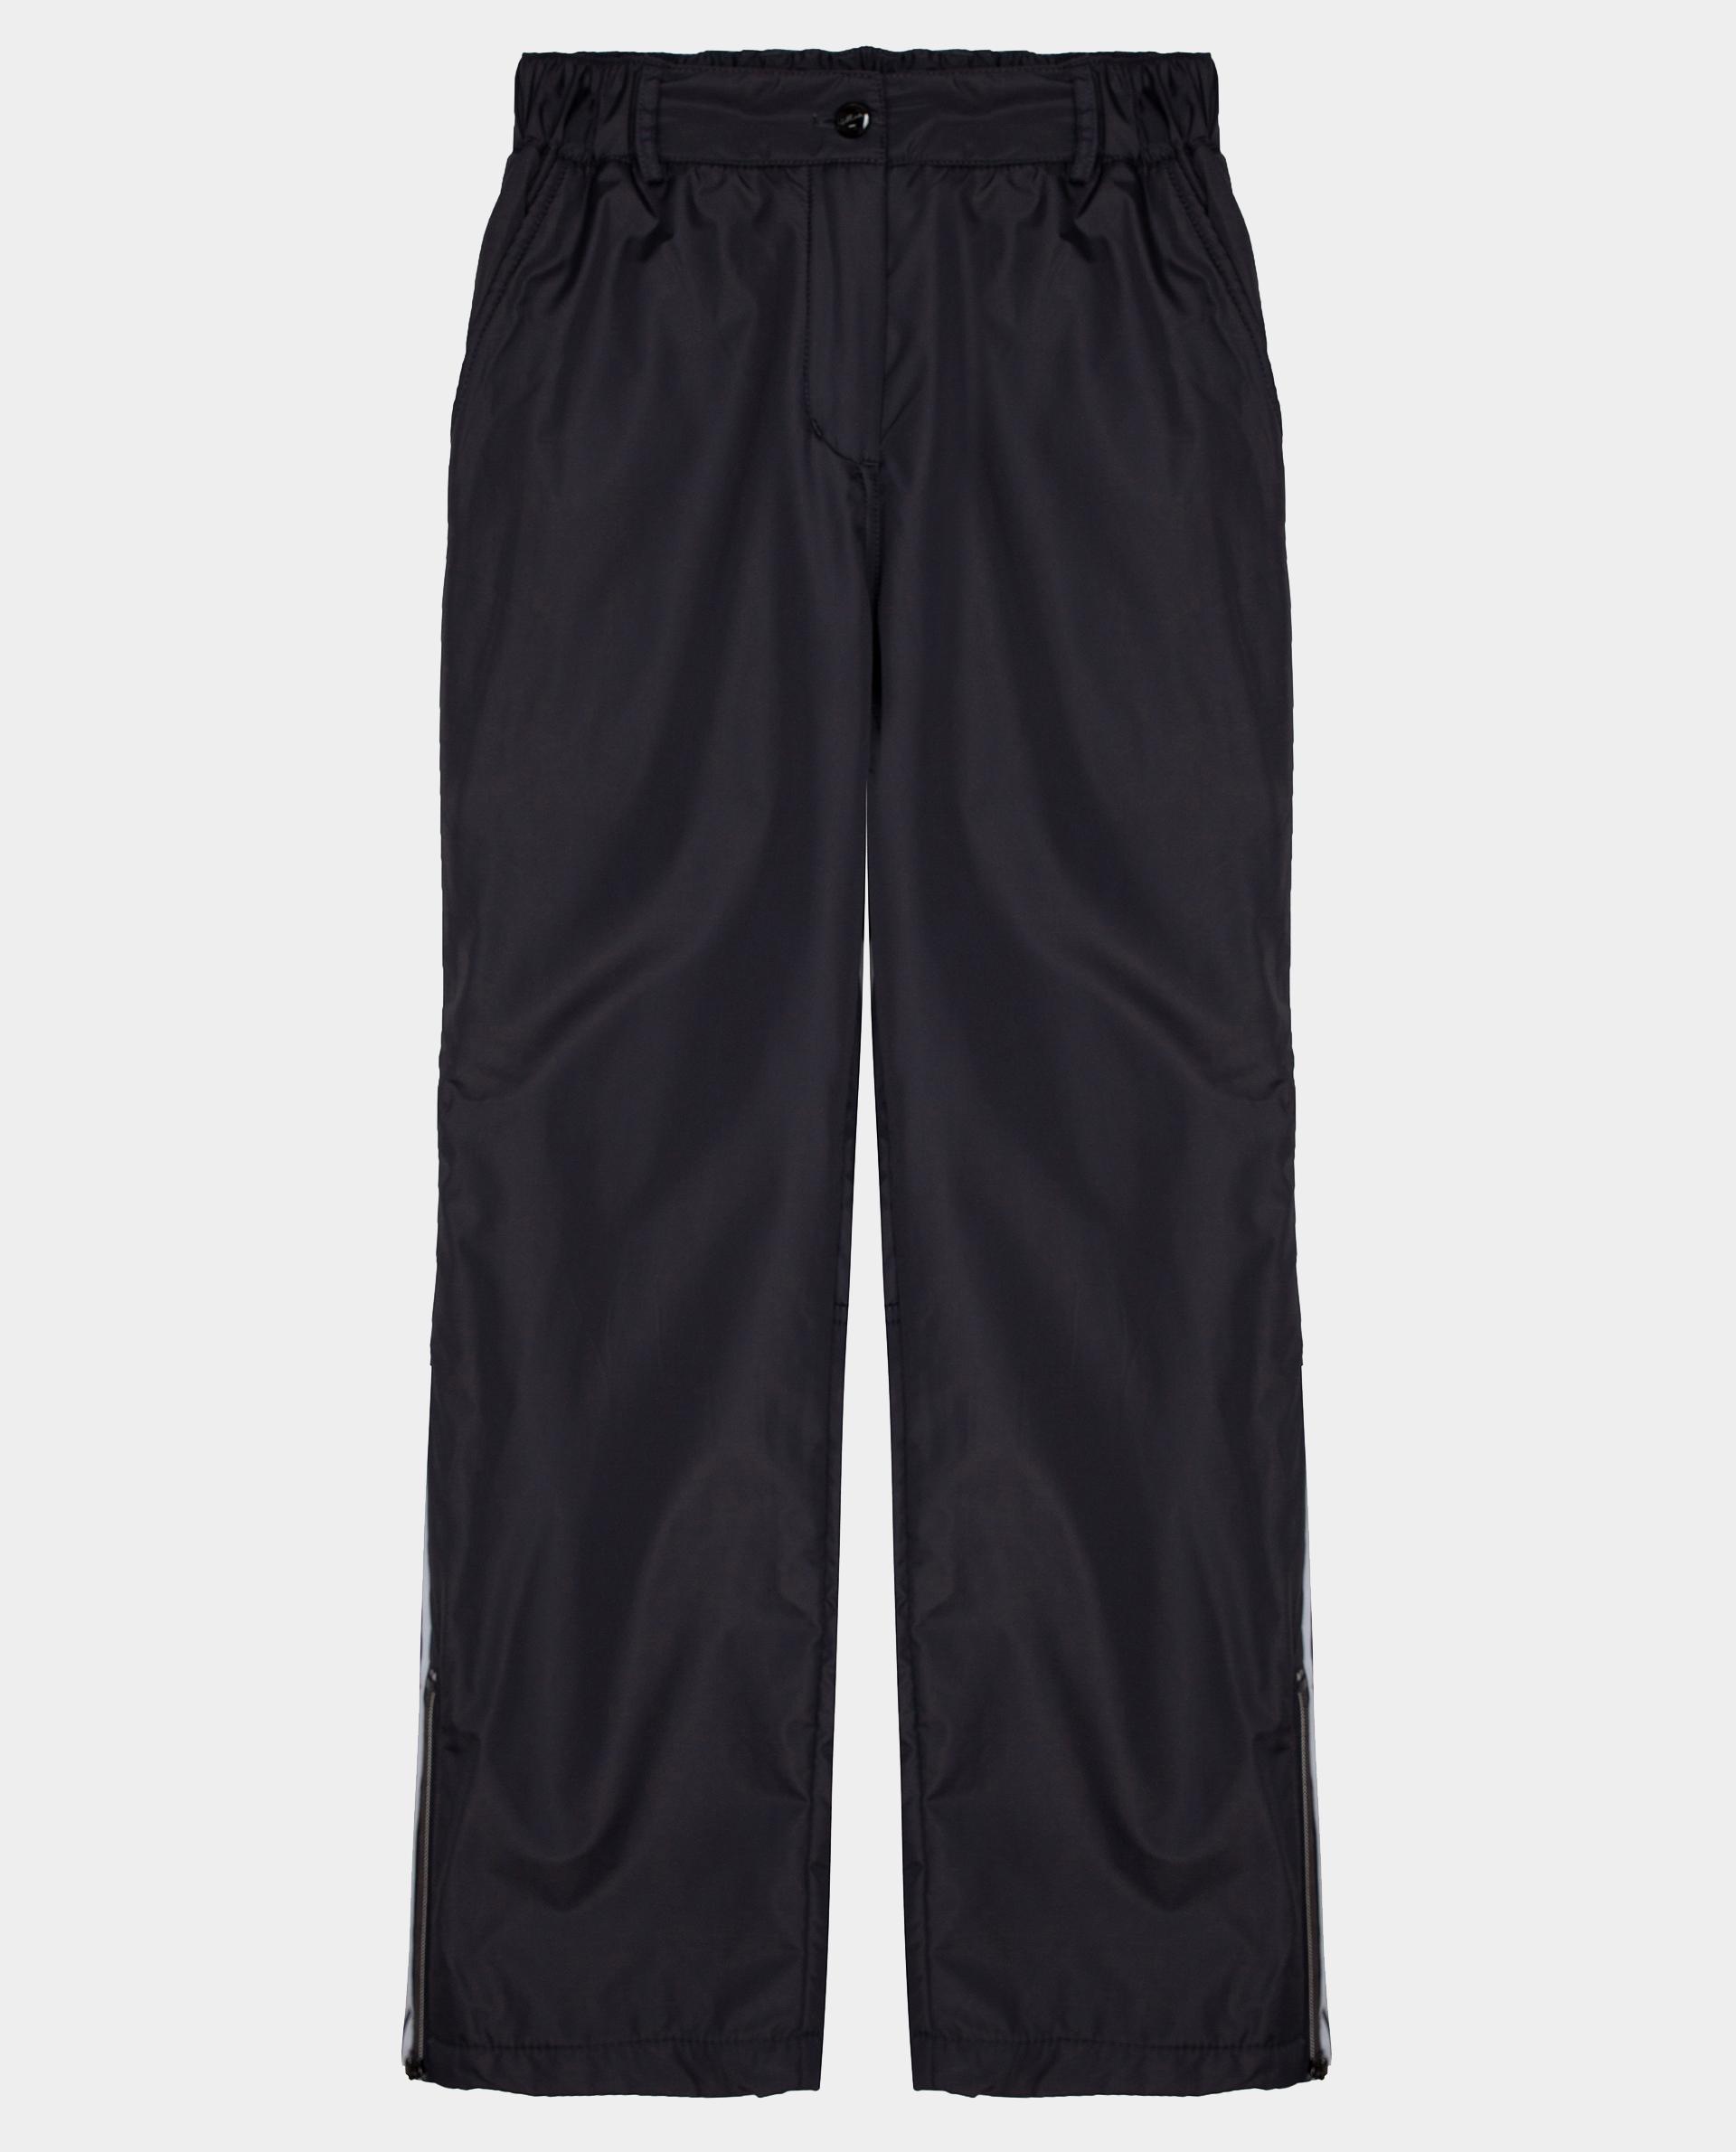 Купить 22008GJC6406, Серые брюки утепленные демисезонные Gulliver, серый, 158, Полиэстер, Женский, Демисезон, ОСЕНЬ/ЗИМА 2020-2021 (shop: GulliverMarket Gulliver Market)